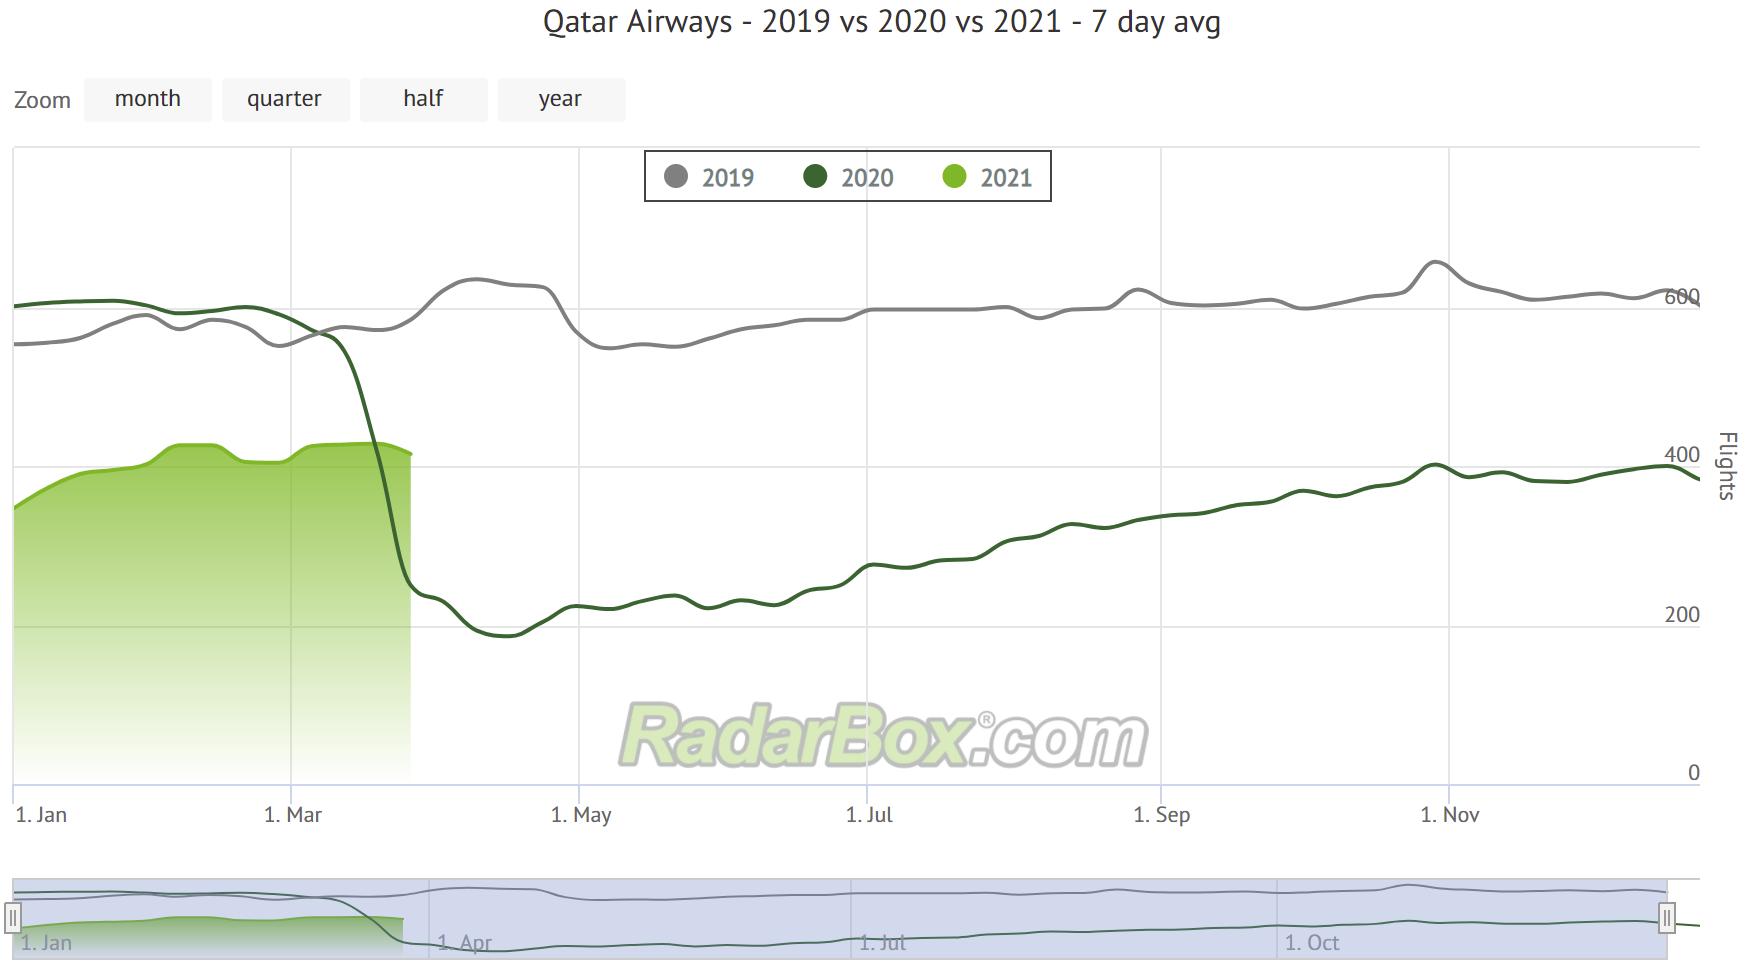 Qatar Airways radarbox traffic graph